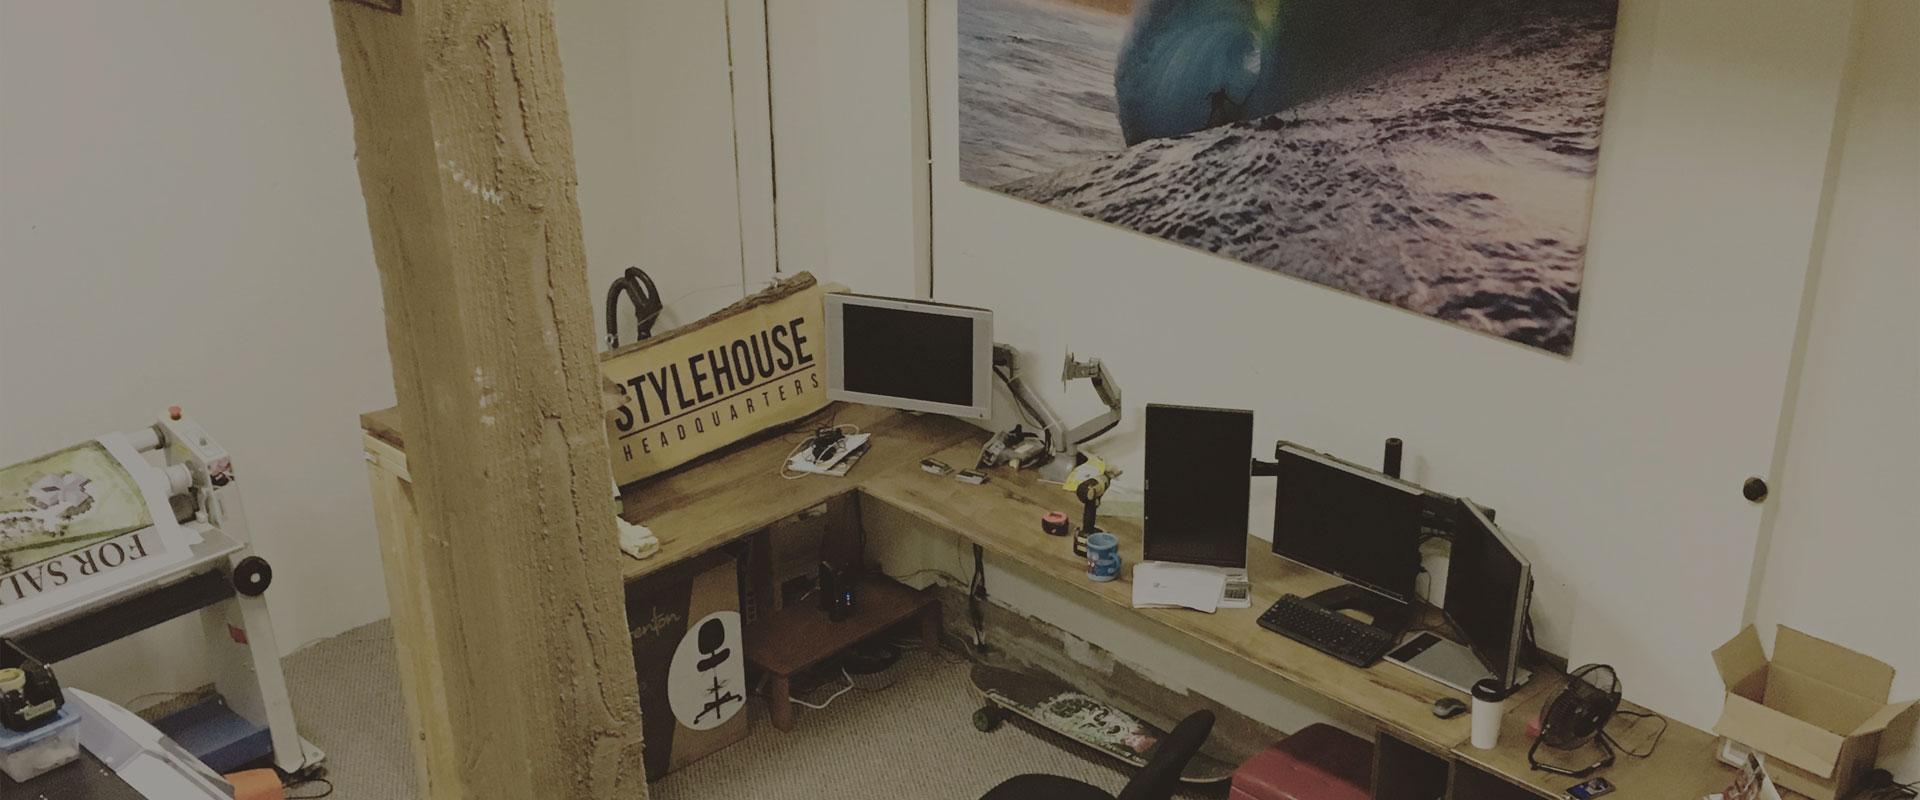 stylehouse office photo